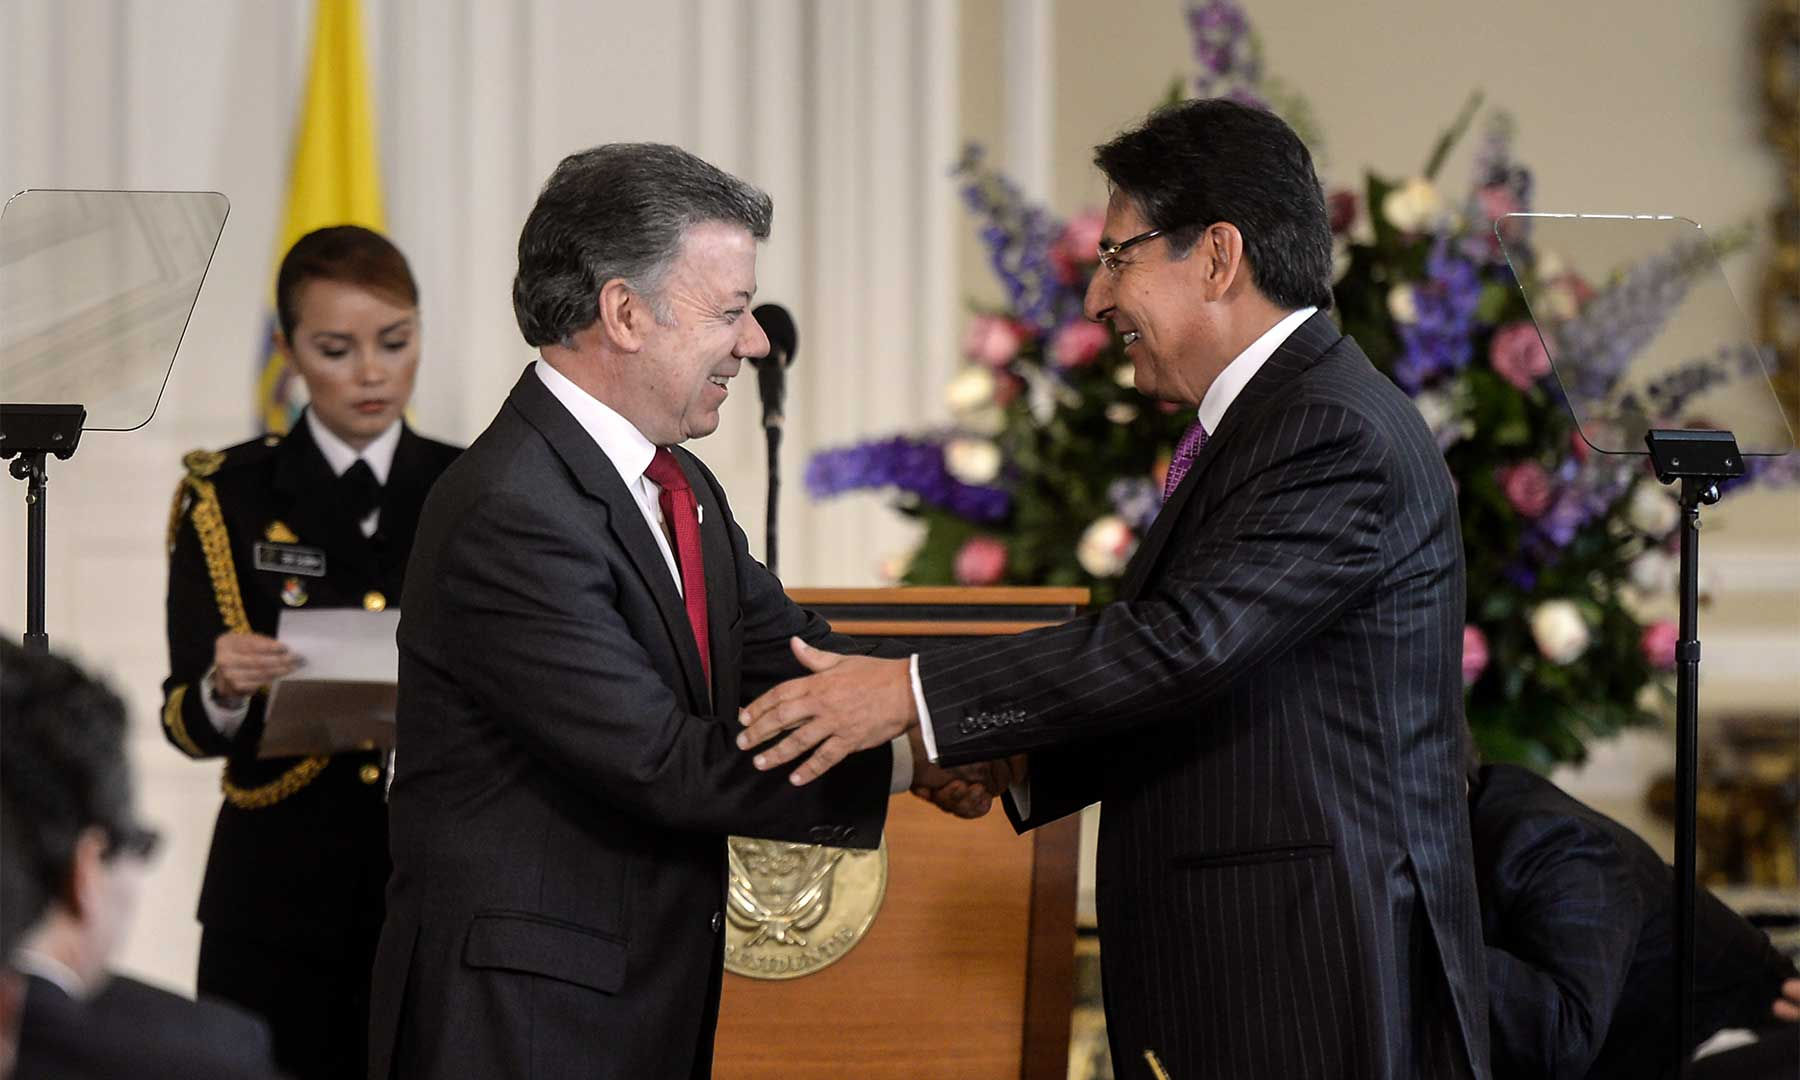 Al posesionar al Fiscal General de la Nación, Néstor Humberto Martínez, el Presidente Santos le solicitó investigar exhaustivamente los casos emblemáticos de corrupción en el país.